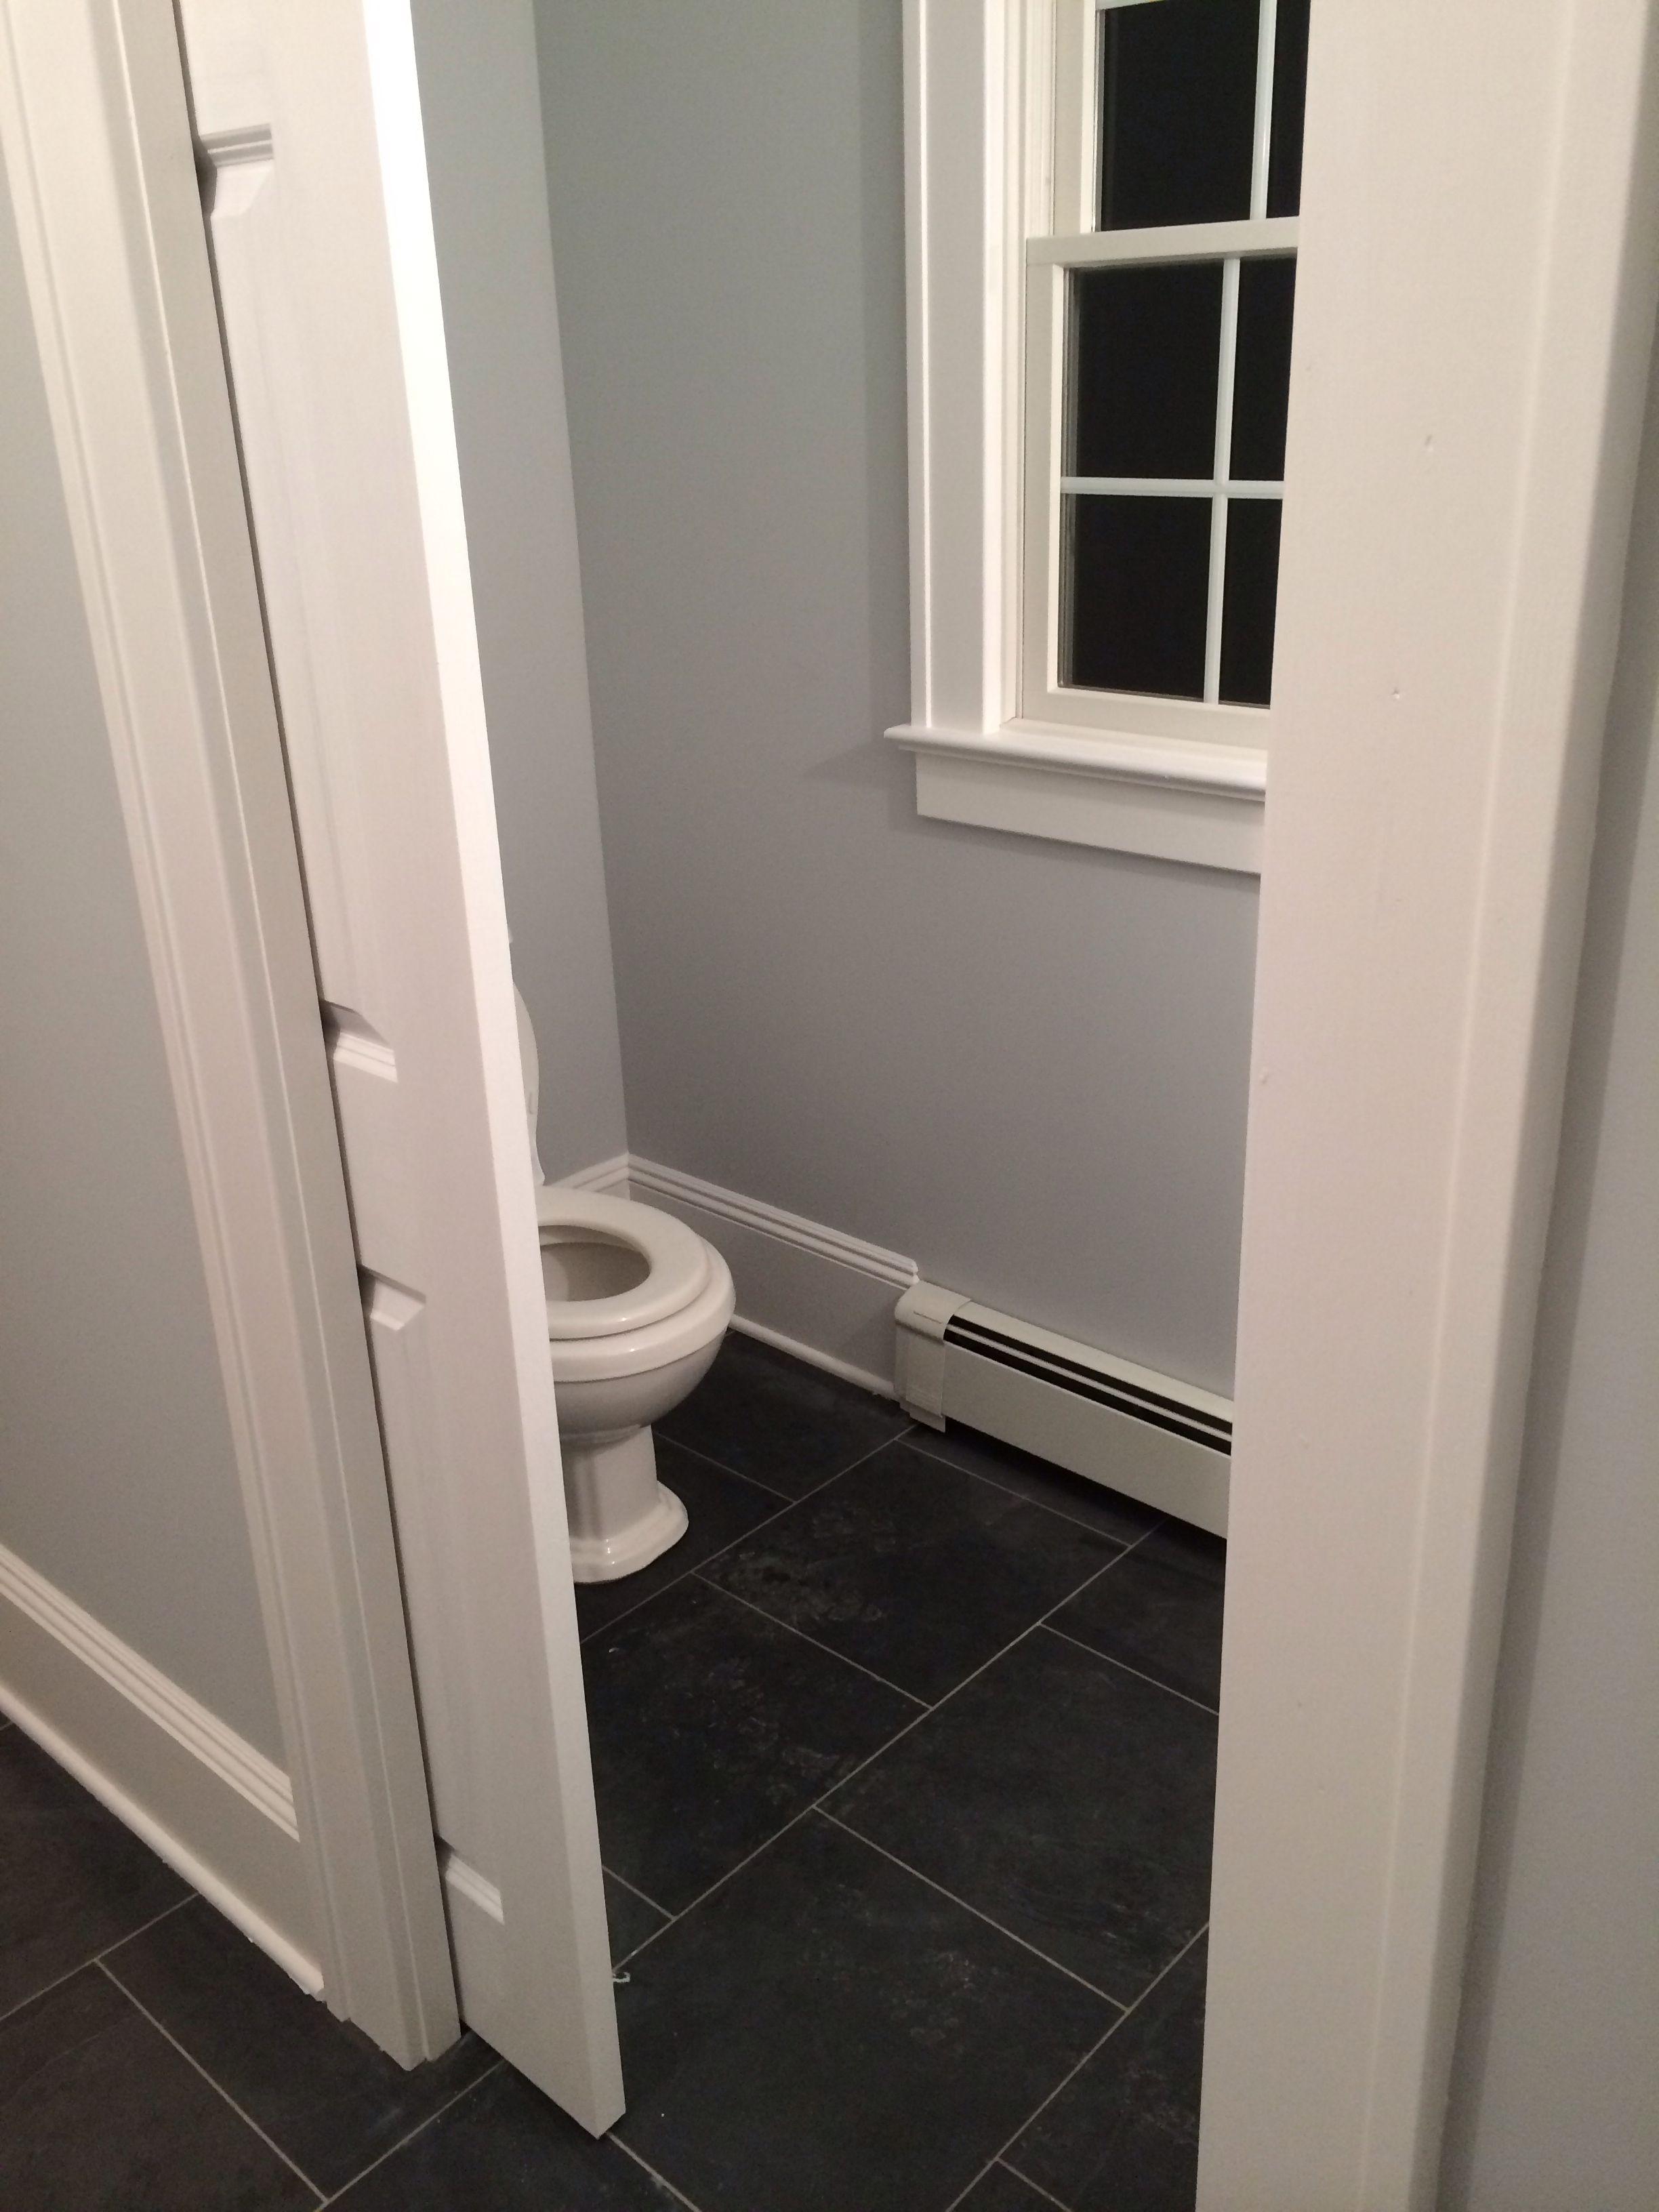 Pin By Catherine Desarno On Home Pocket Doors Bathroom Small Half Baths Small Half Bathrooms